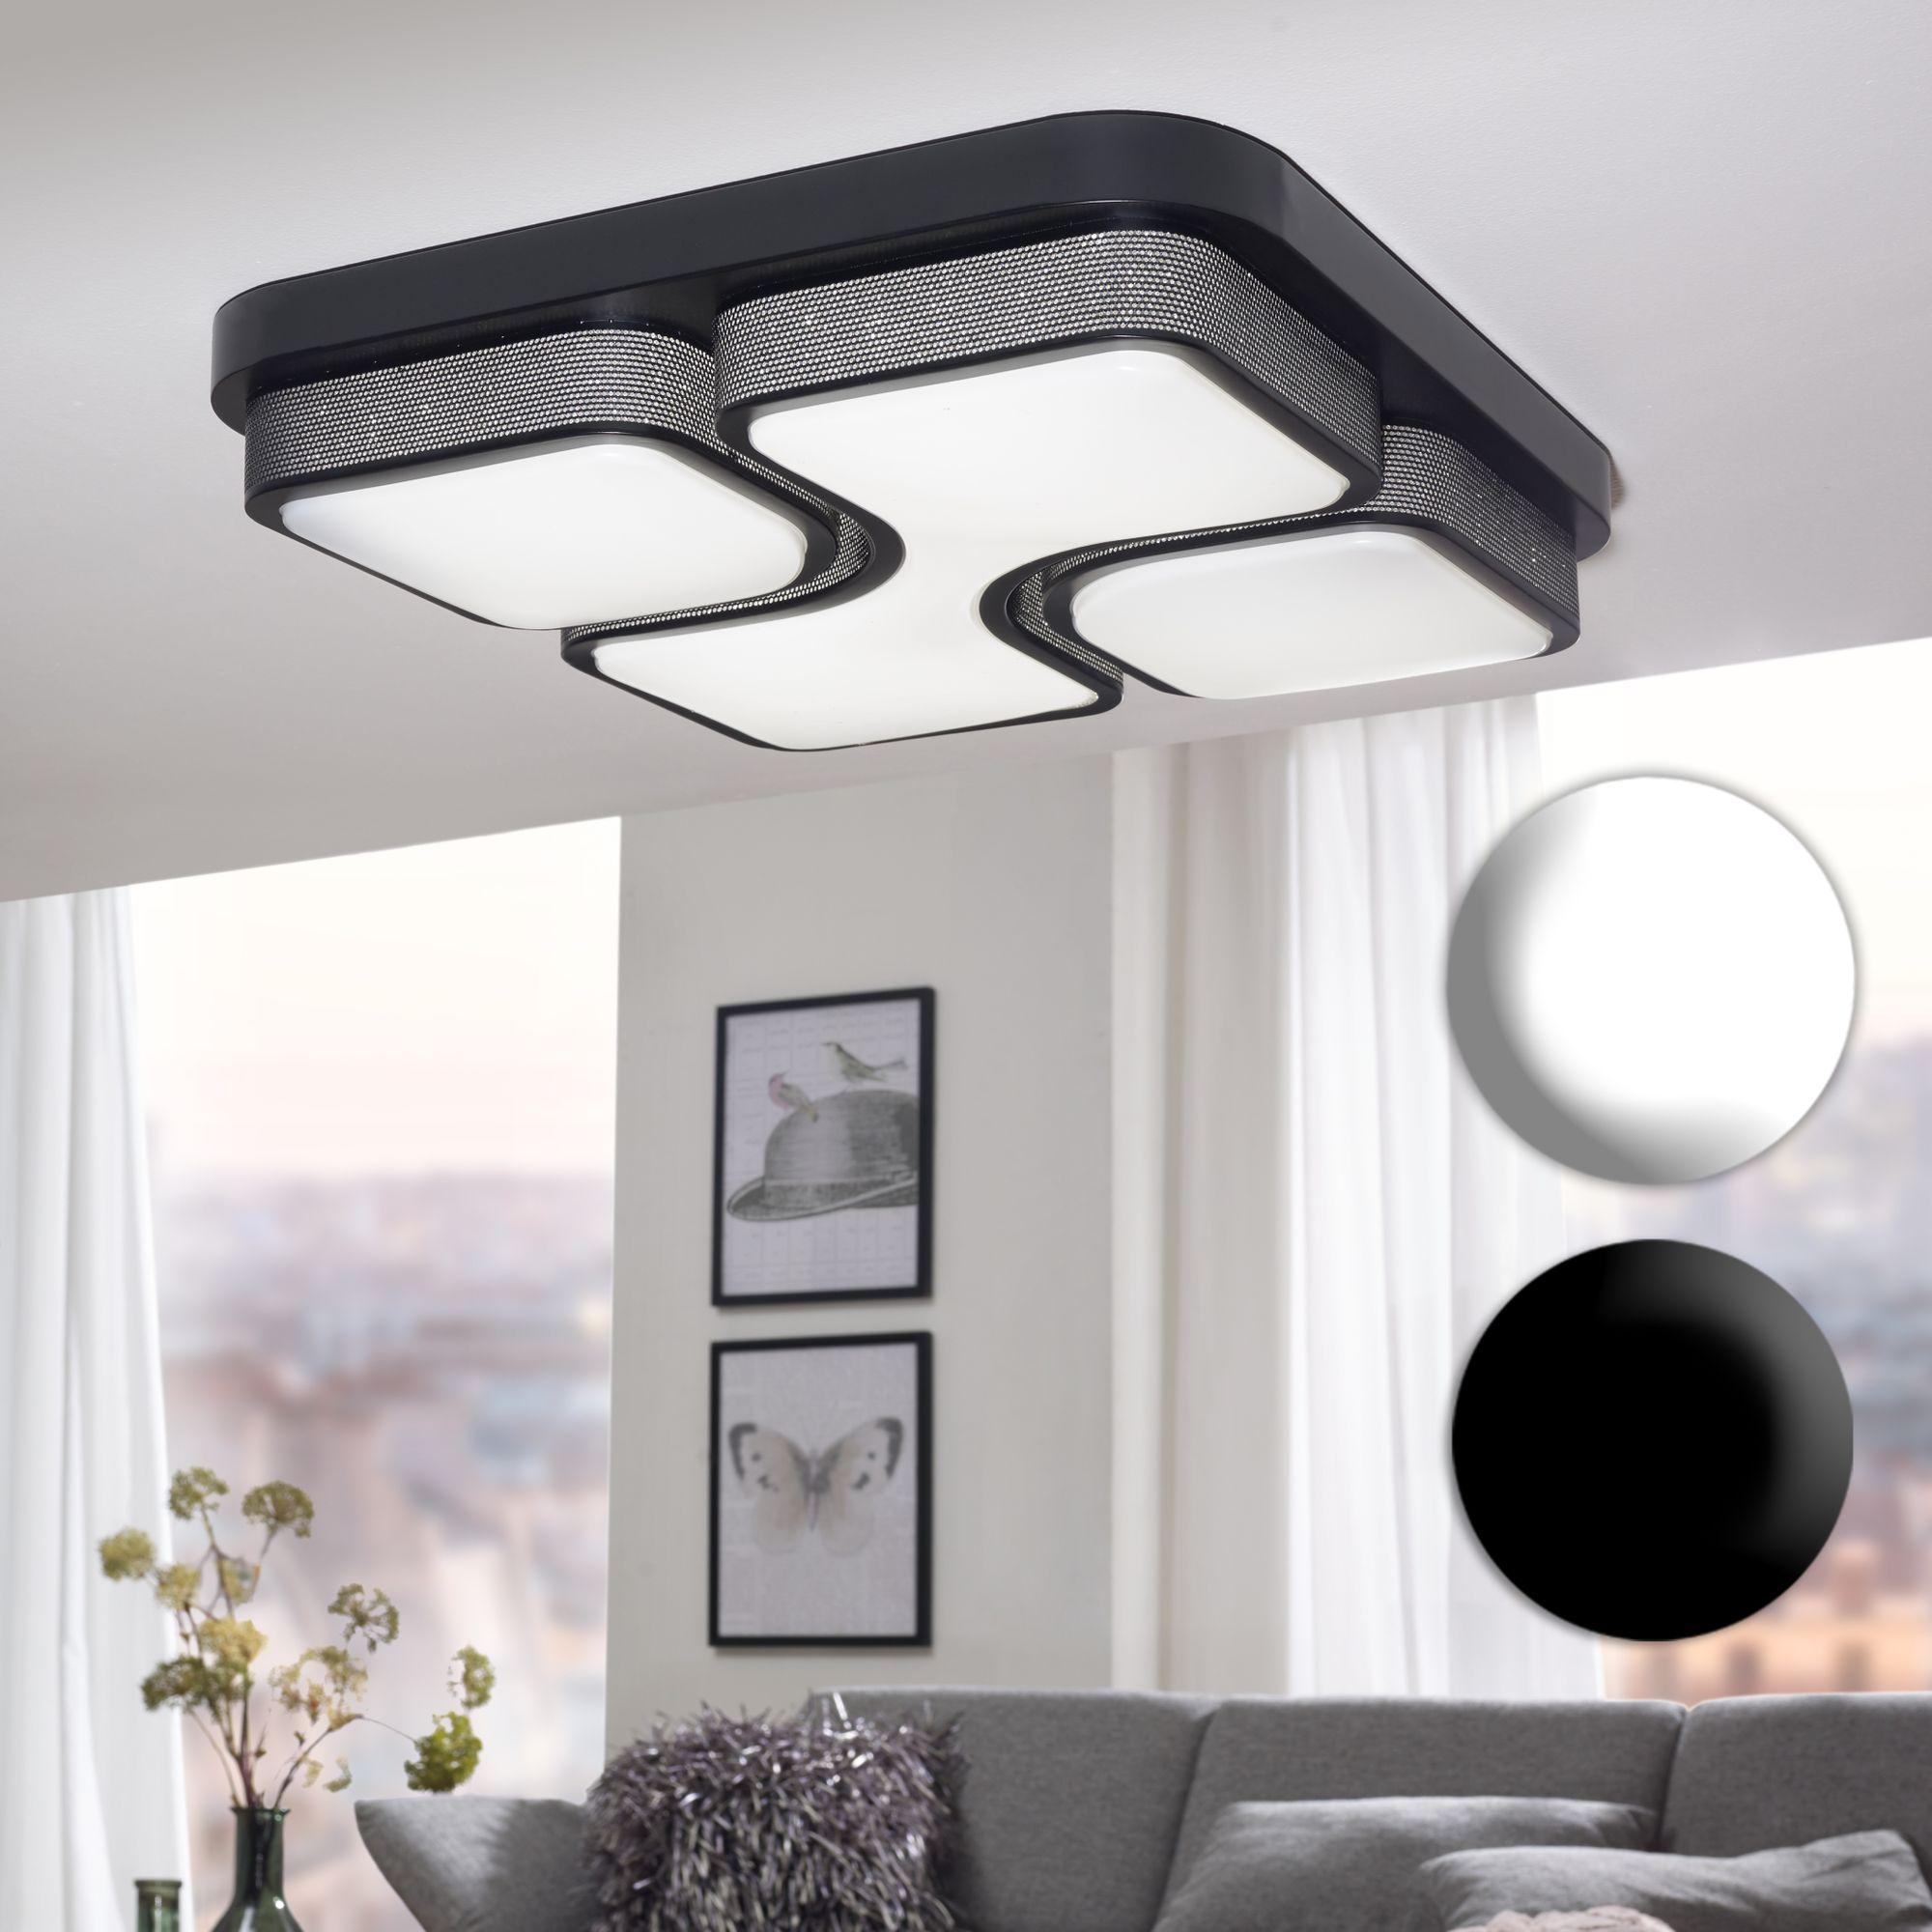 Full Size of Lampen Wohnzimmer Finebuy Led Deckenlampe 32w Lampe Deckenleuchte A Sessel Komplett Wandbilder Vinylboden Deckenleuchten Deckenlampen Für Schlafzimmer Wohnzimmer Lampen Wohnzimmer